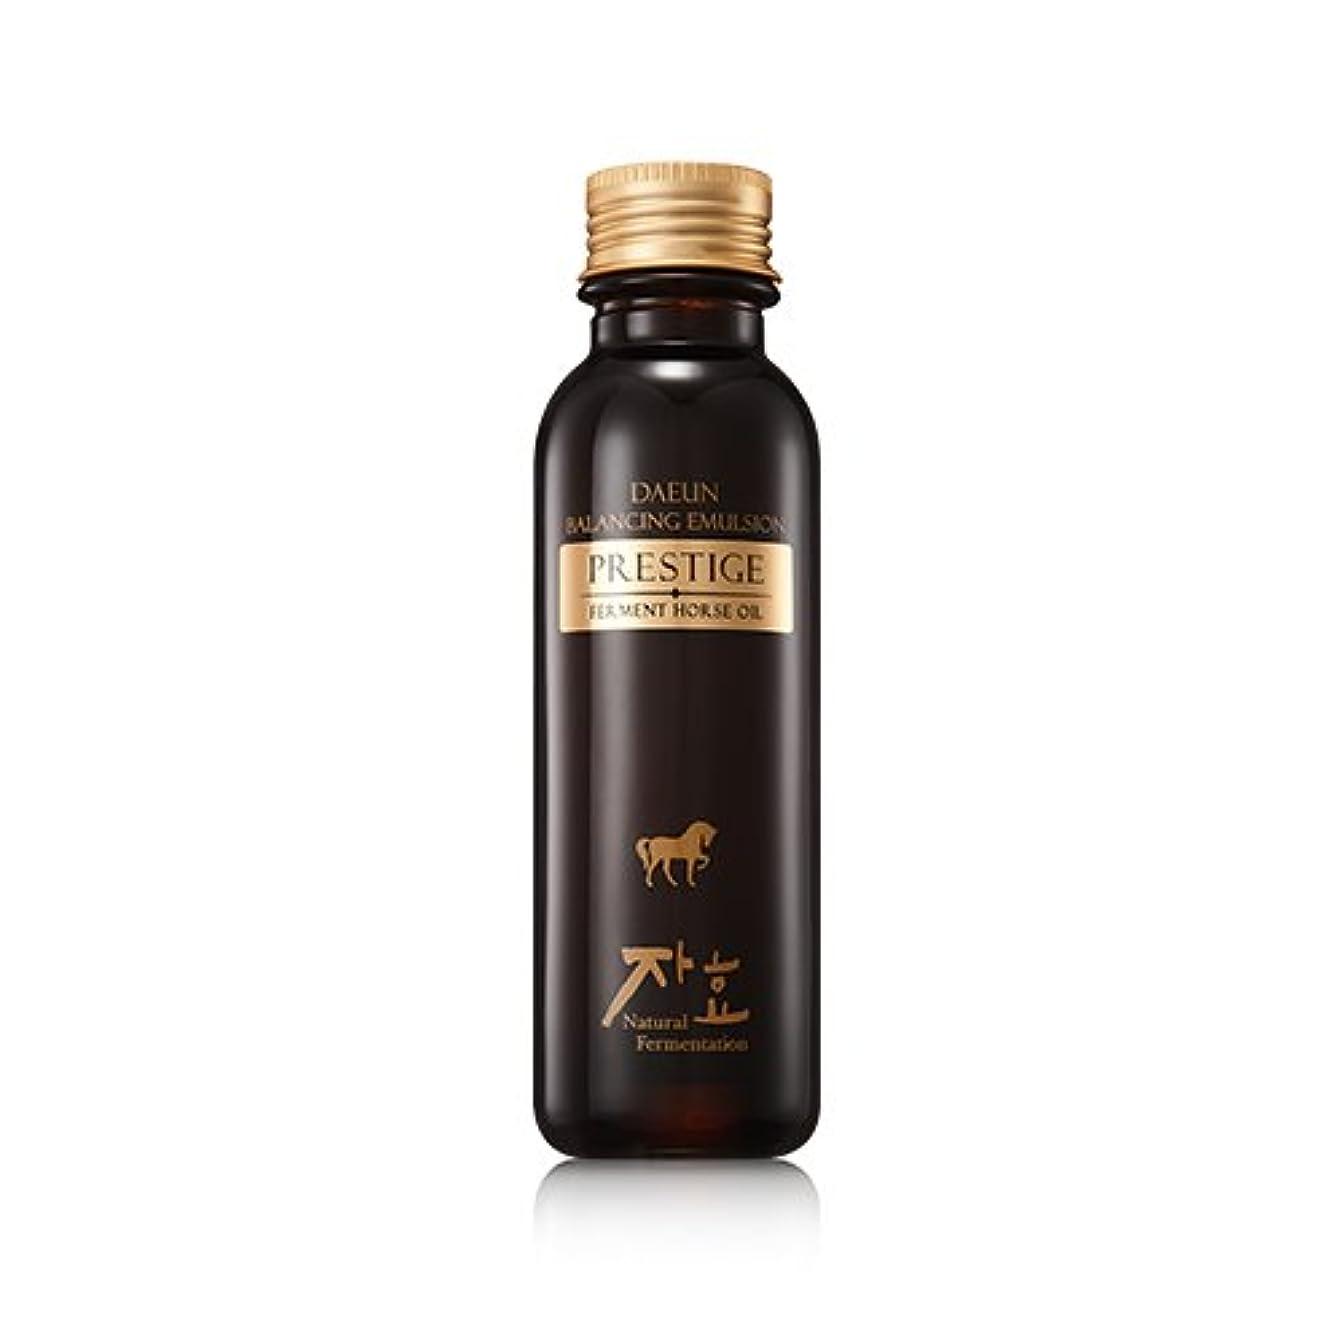 透過性悪党マーガレットミッチェルZHAHYO Daeun Balancing Prestige Fermented Horse Oil Emulsion(Lotion) 150ml/Korea Cosmetics